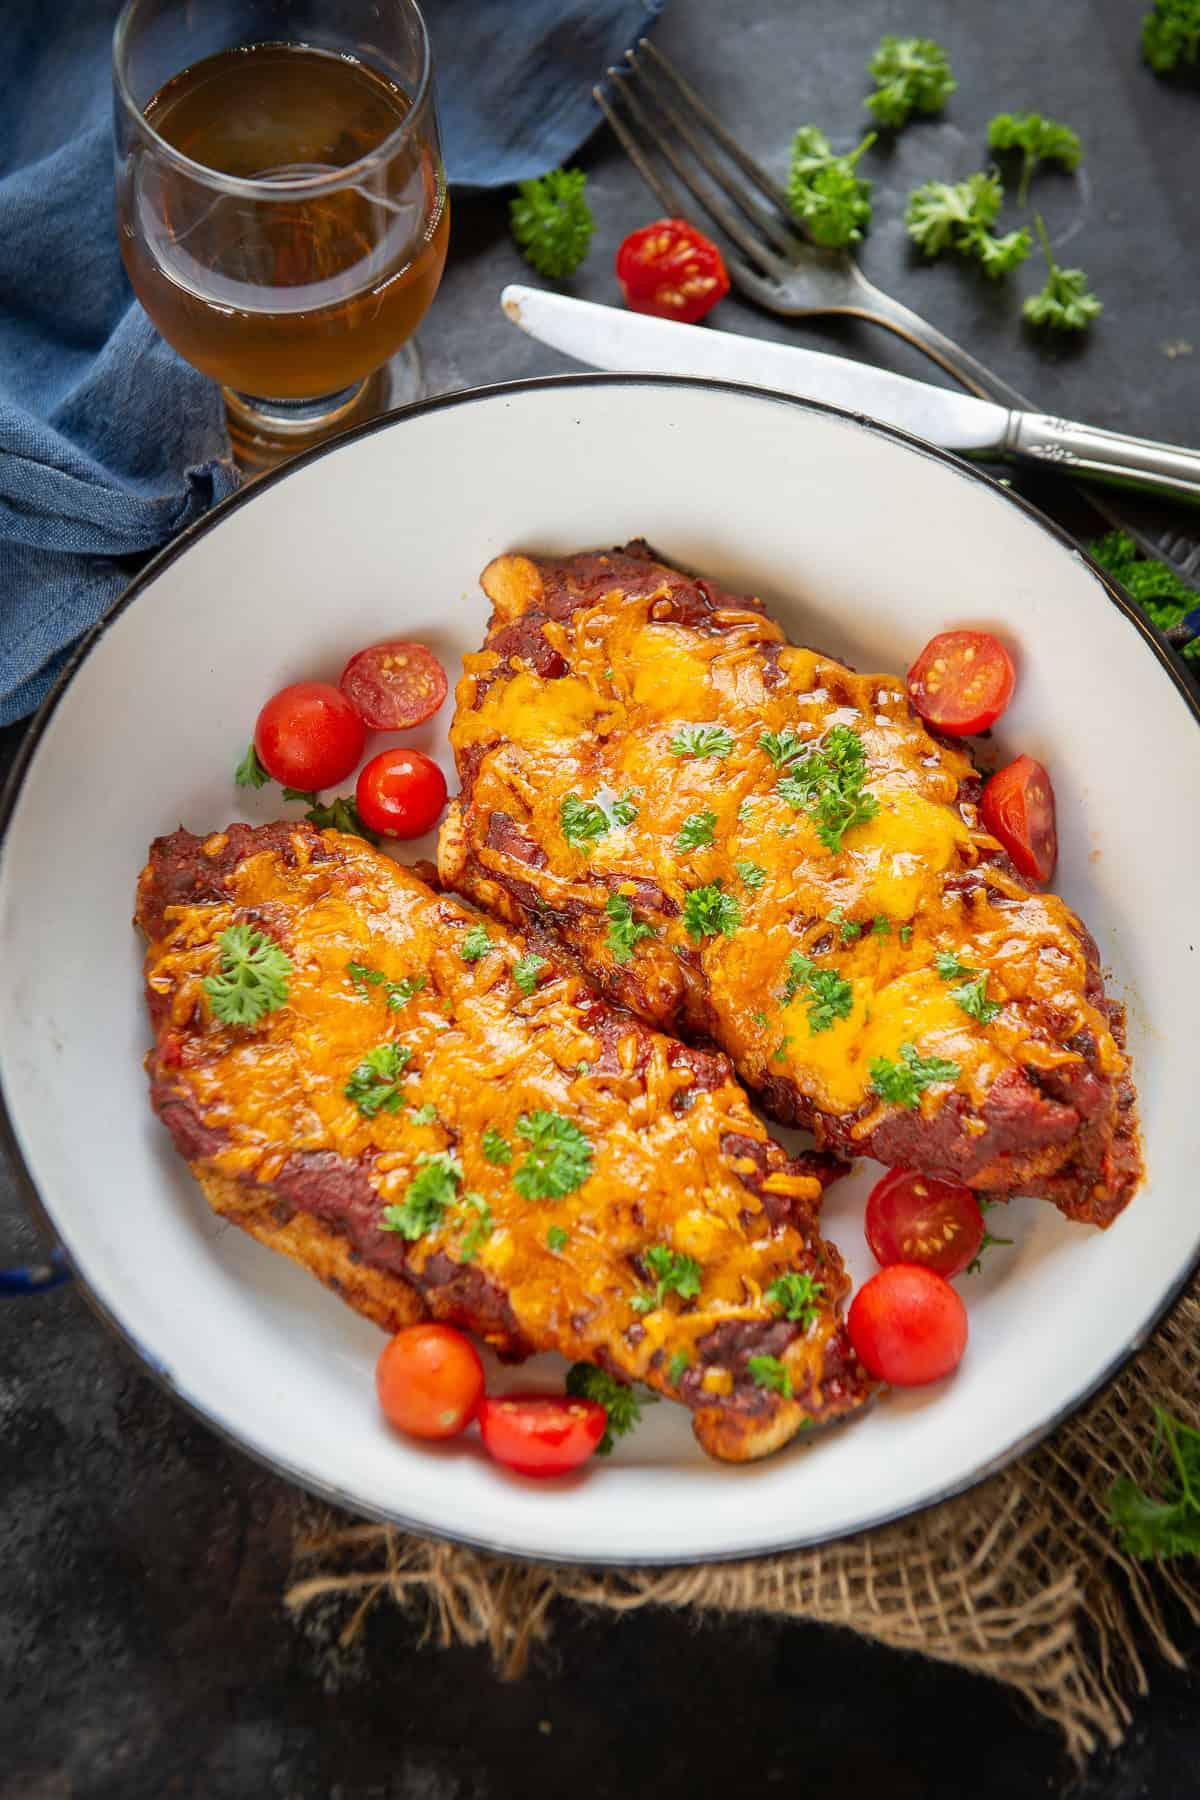 Salsa chicken served in a bowl.